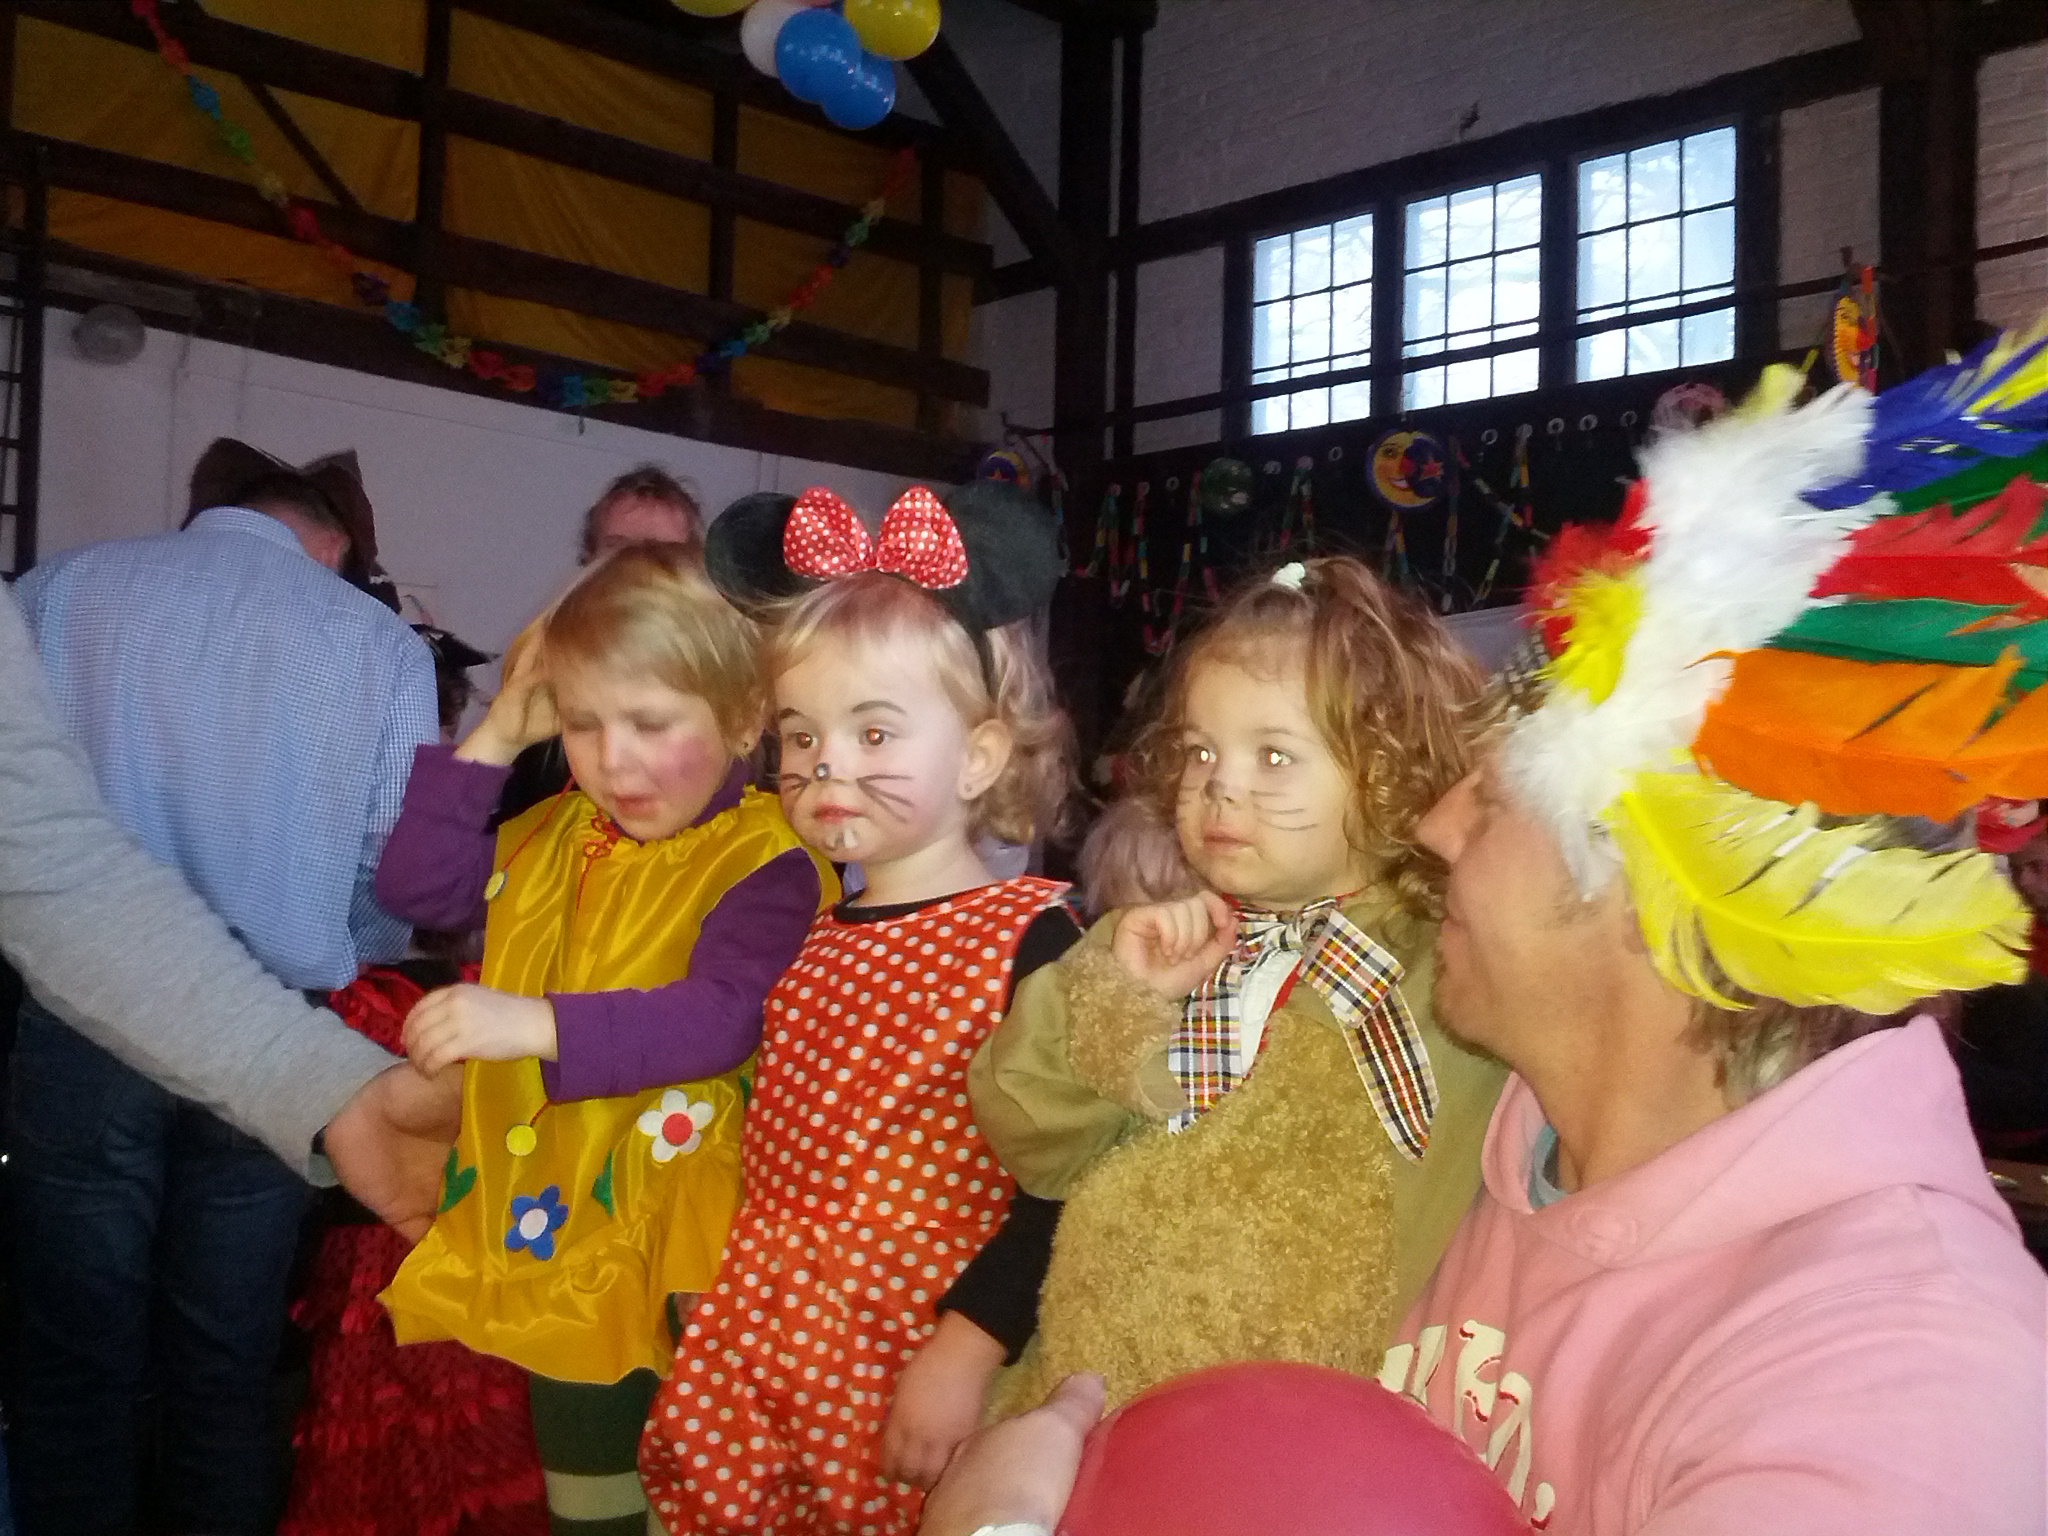 Kinderfasching im Jahnsbacher Lokschuppen. Laura mit ihren Freundinnen Annika und Suri.